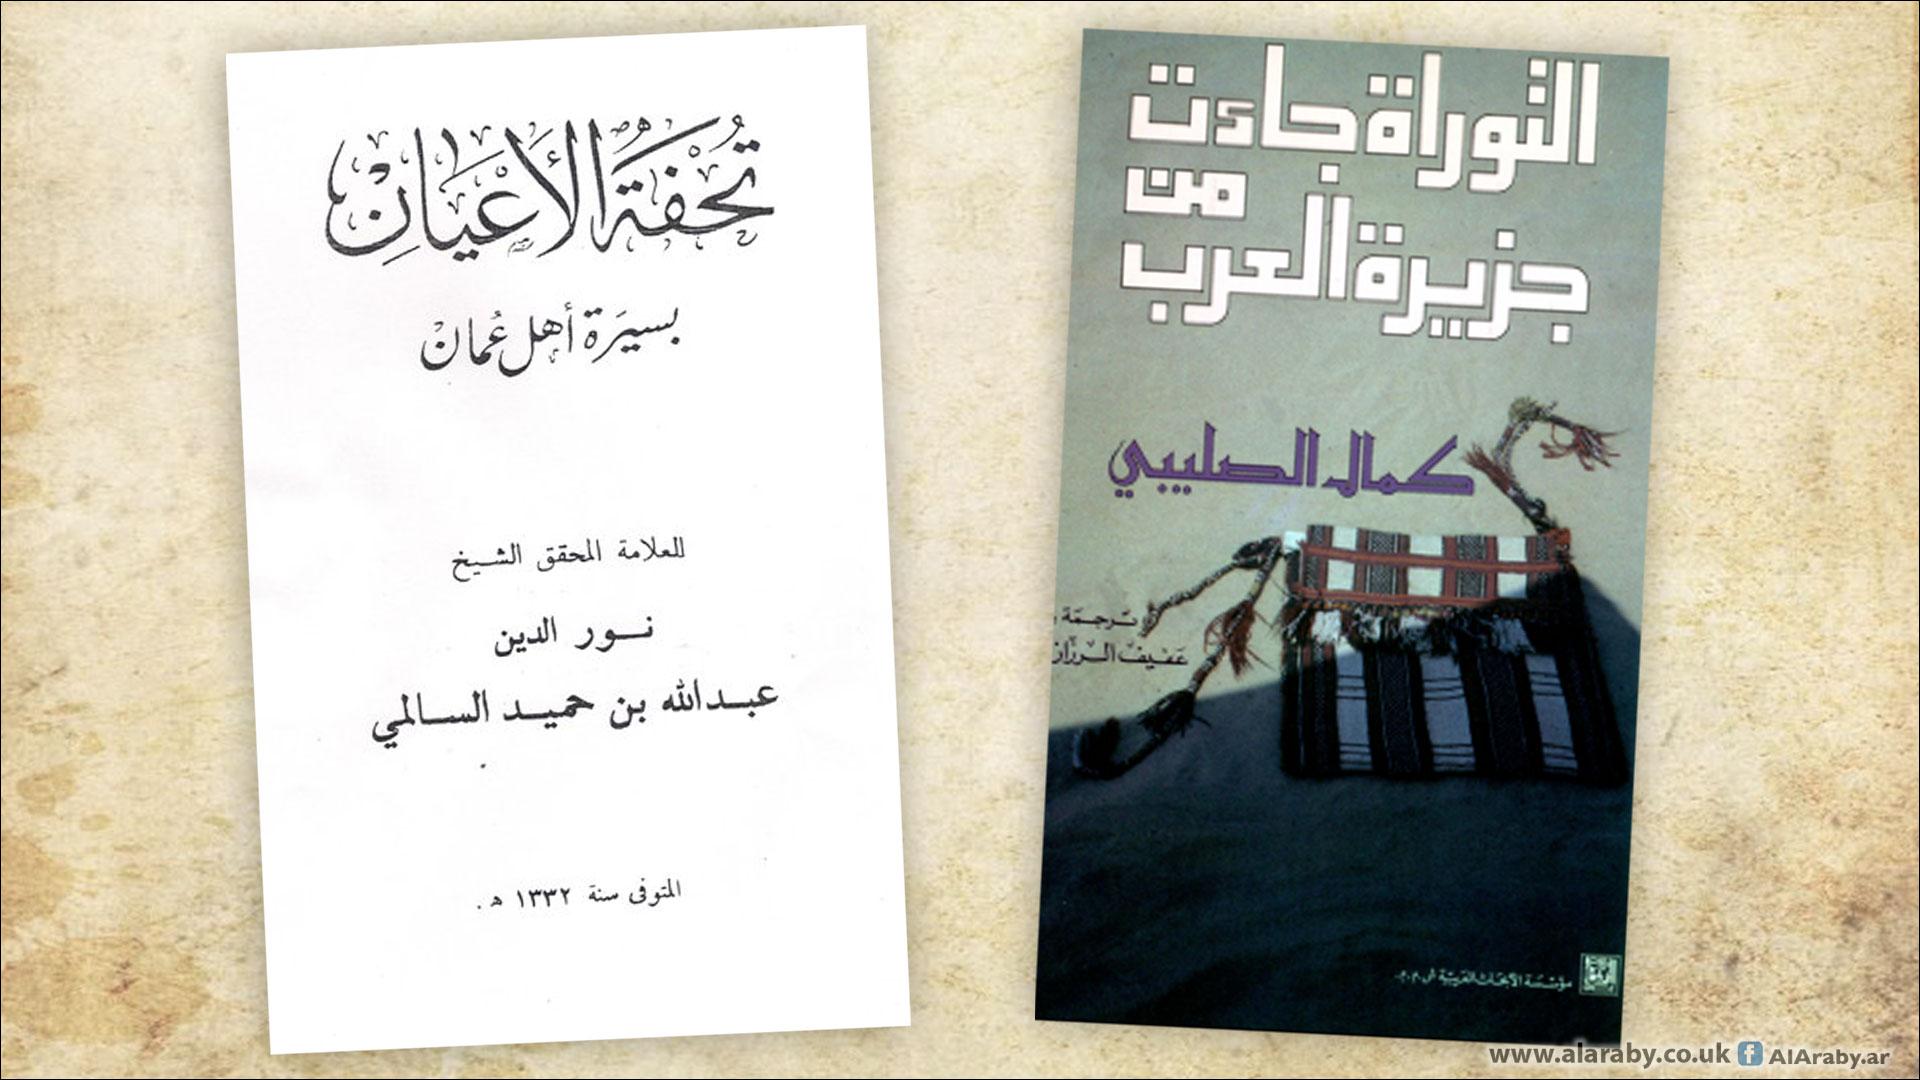 كتاب التوراة جاءت من جزيرة العرب كمال الصليبي pdf